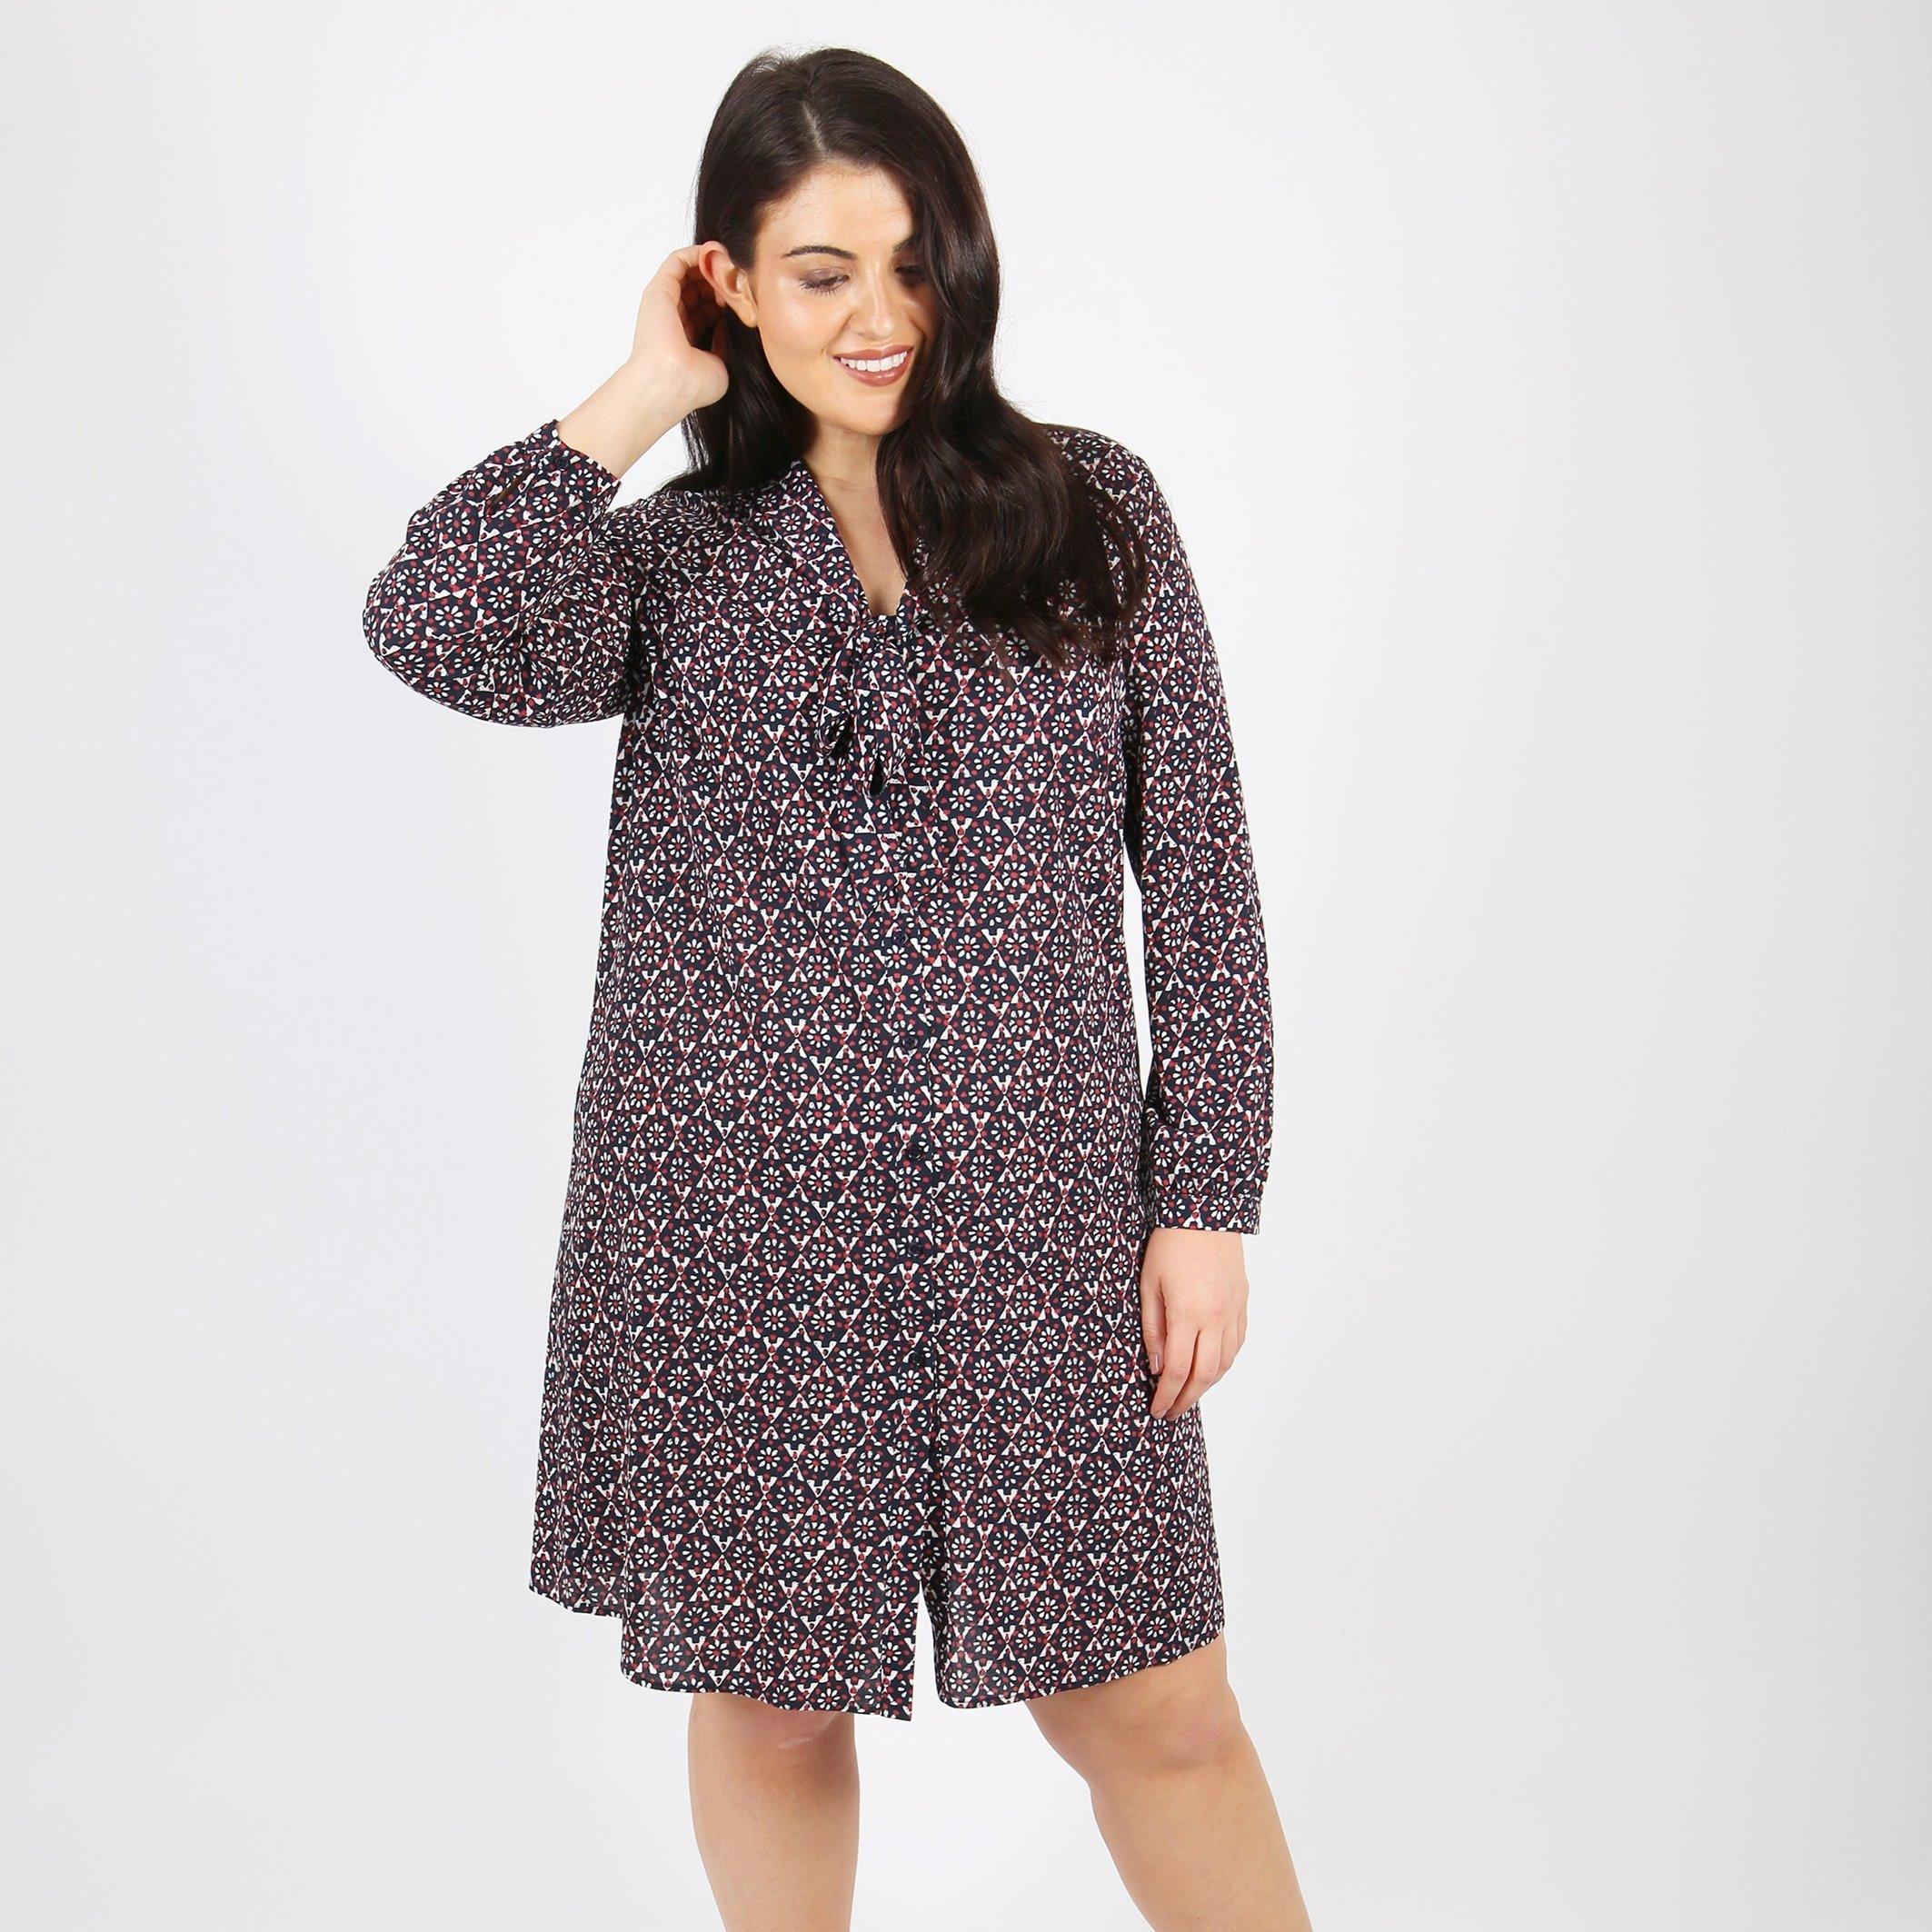 13 Elegant Kleider In A Form Boutique20 Luxurius Kleider In A Form für 2019